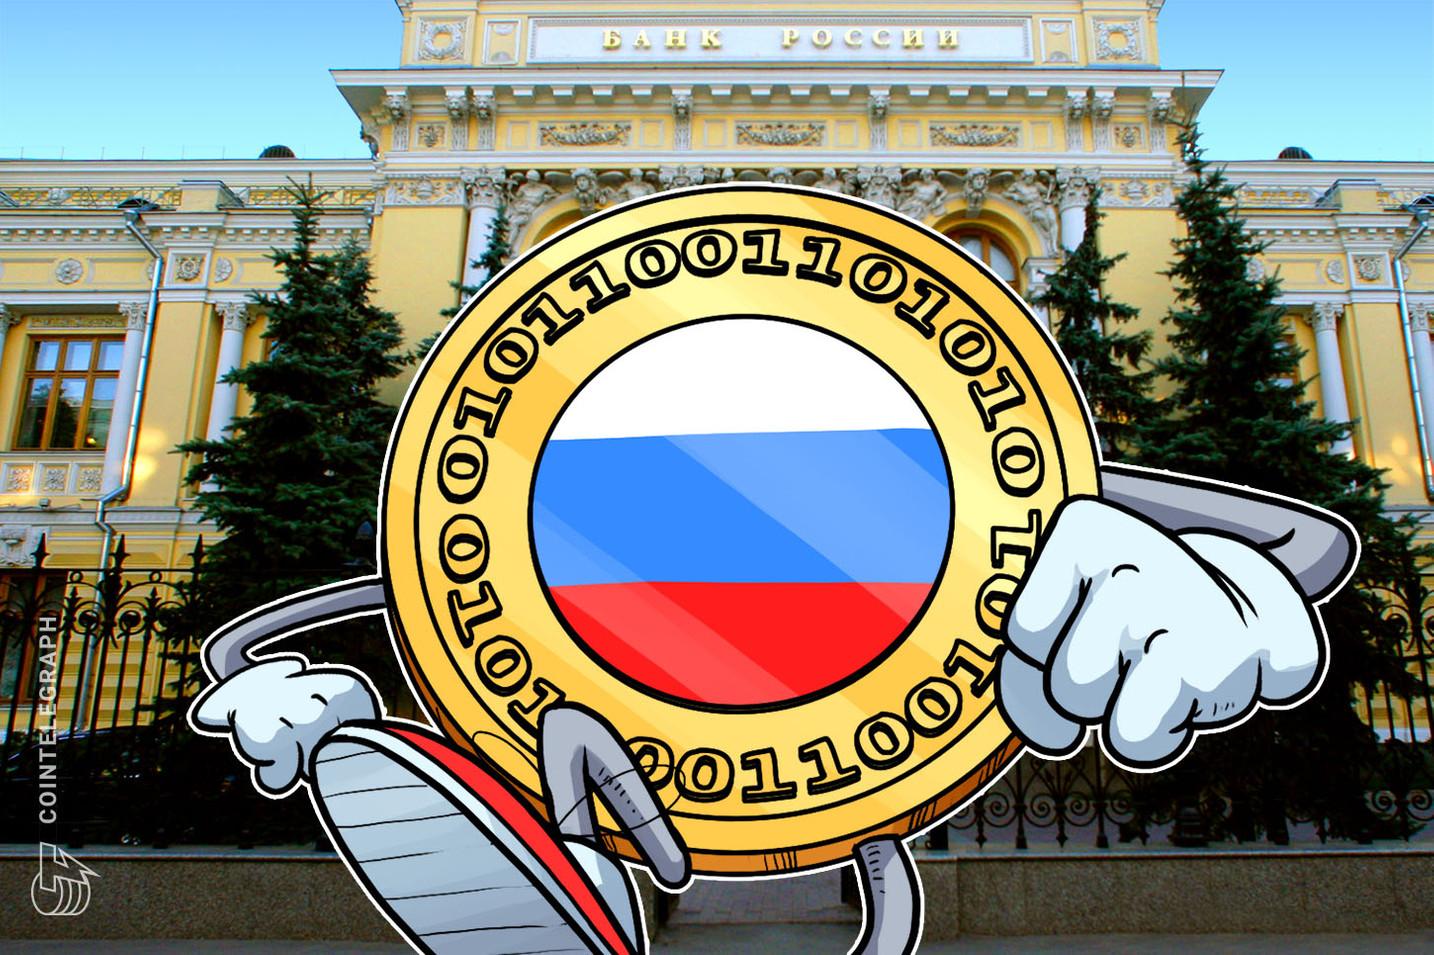 Rusia: Grupo de presión empresarial envía al Primer Ministro Medvedev una propuesta sobre la criptoregulación